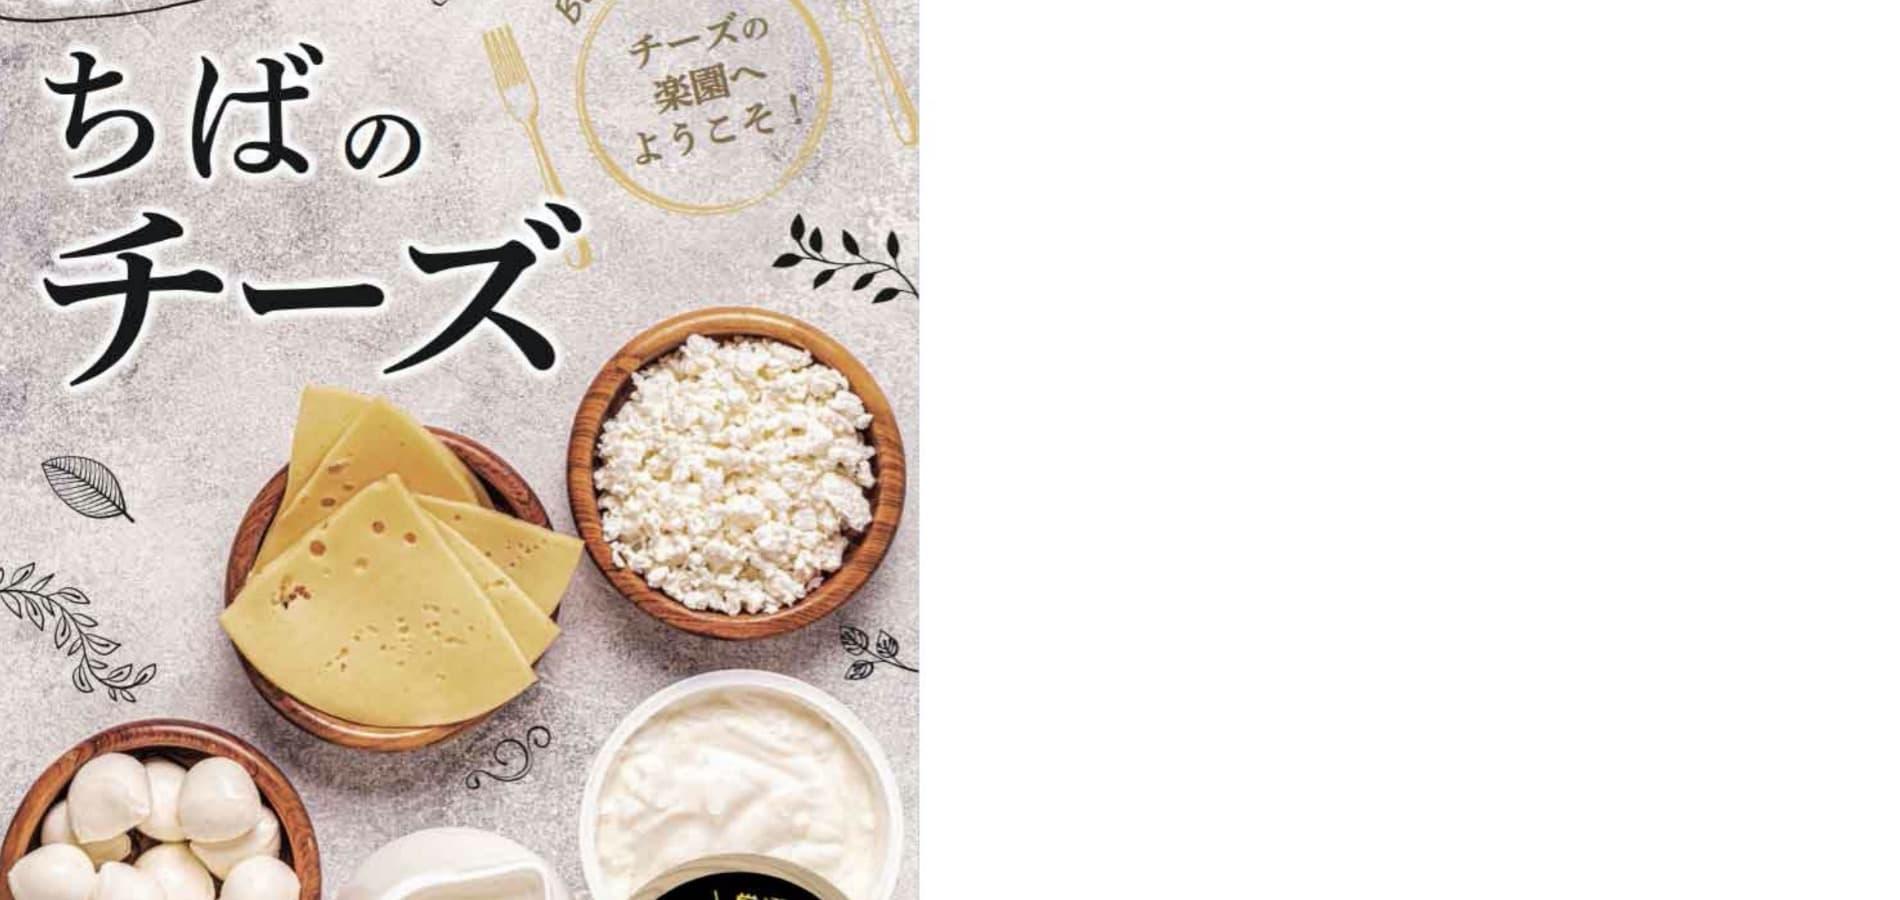 千葉の魅力あふれるナチュラルチーズを 使ったレシピが紹介されました。